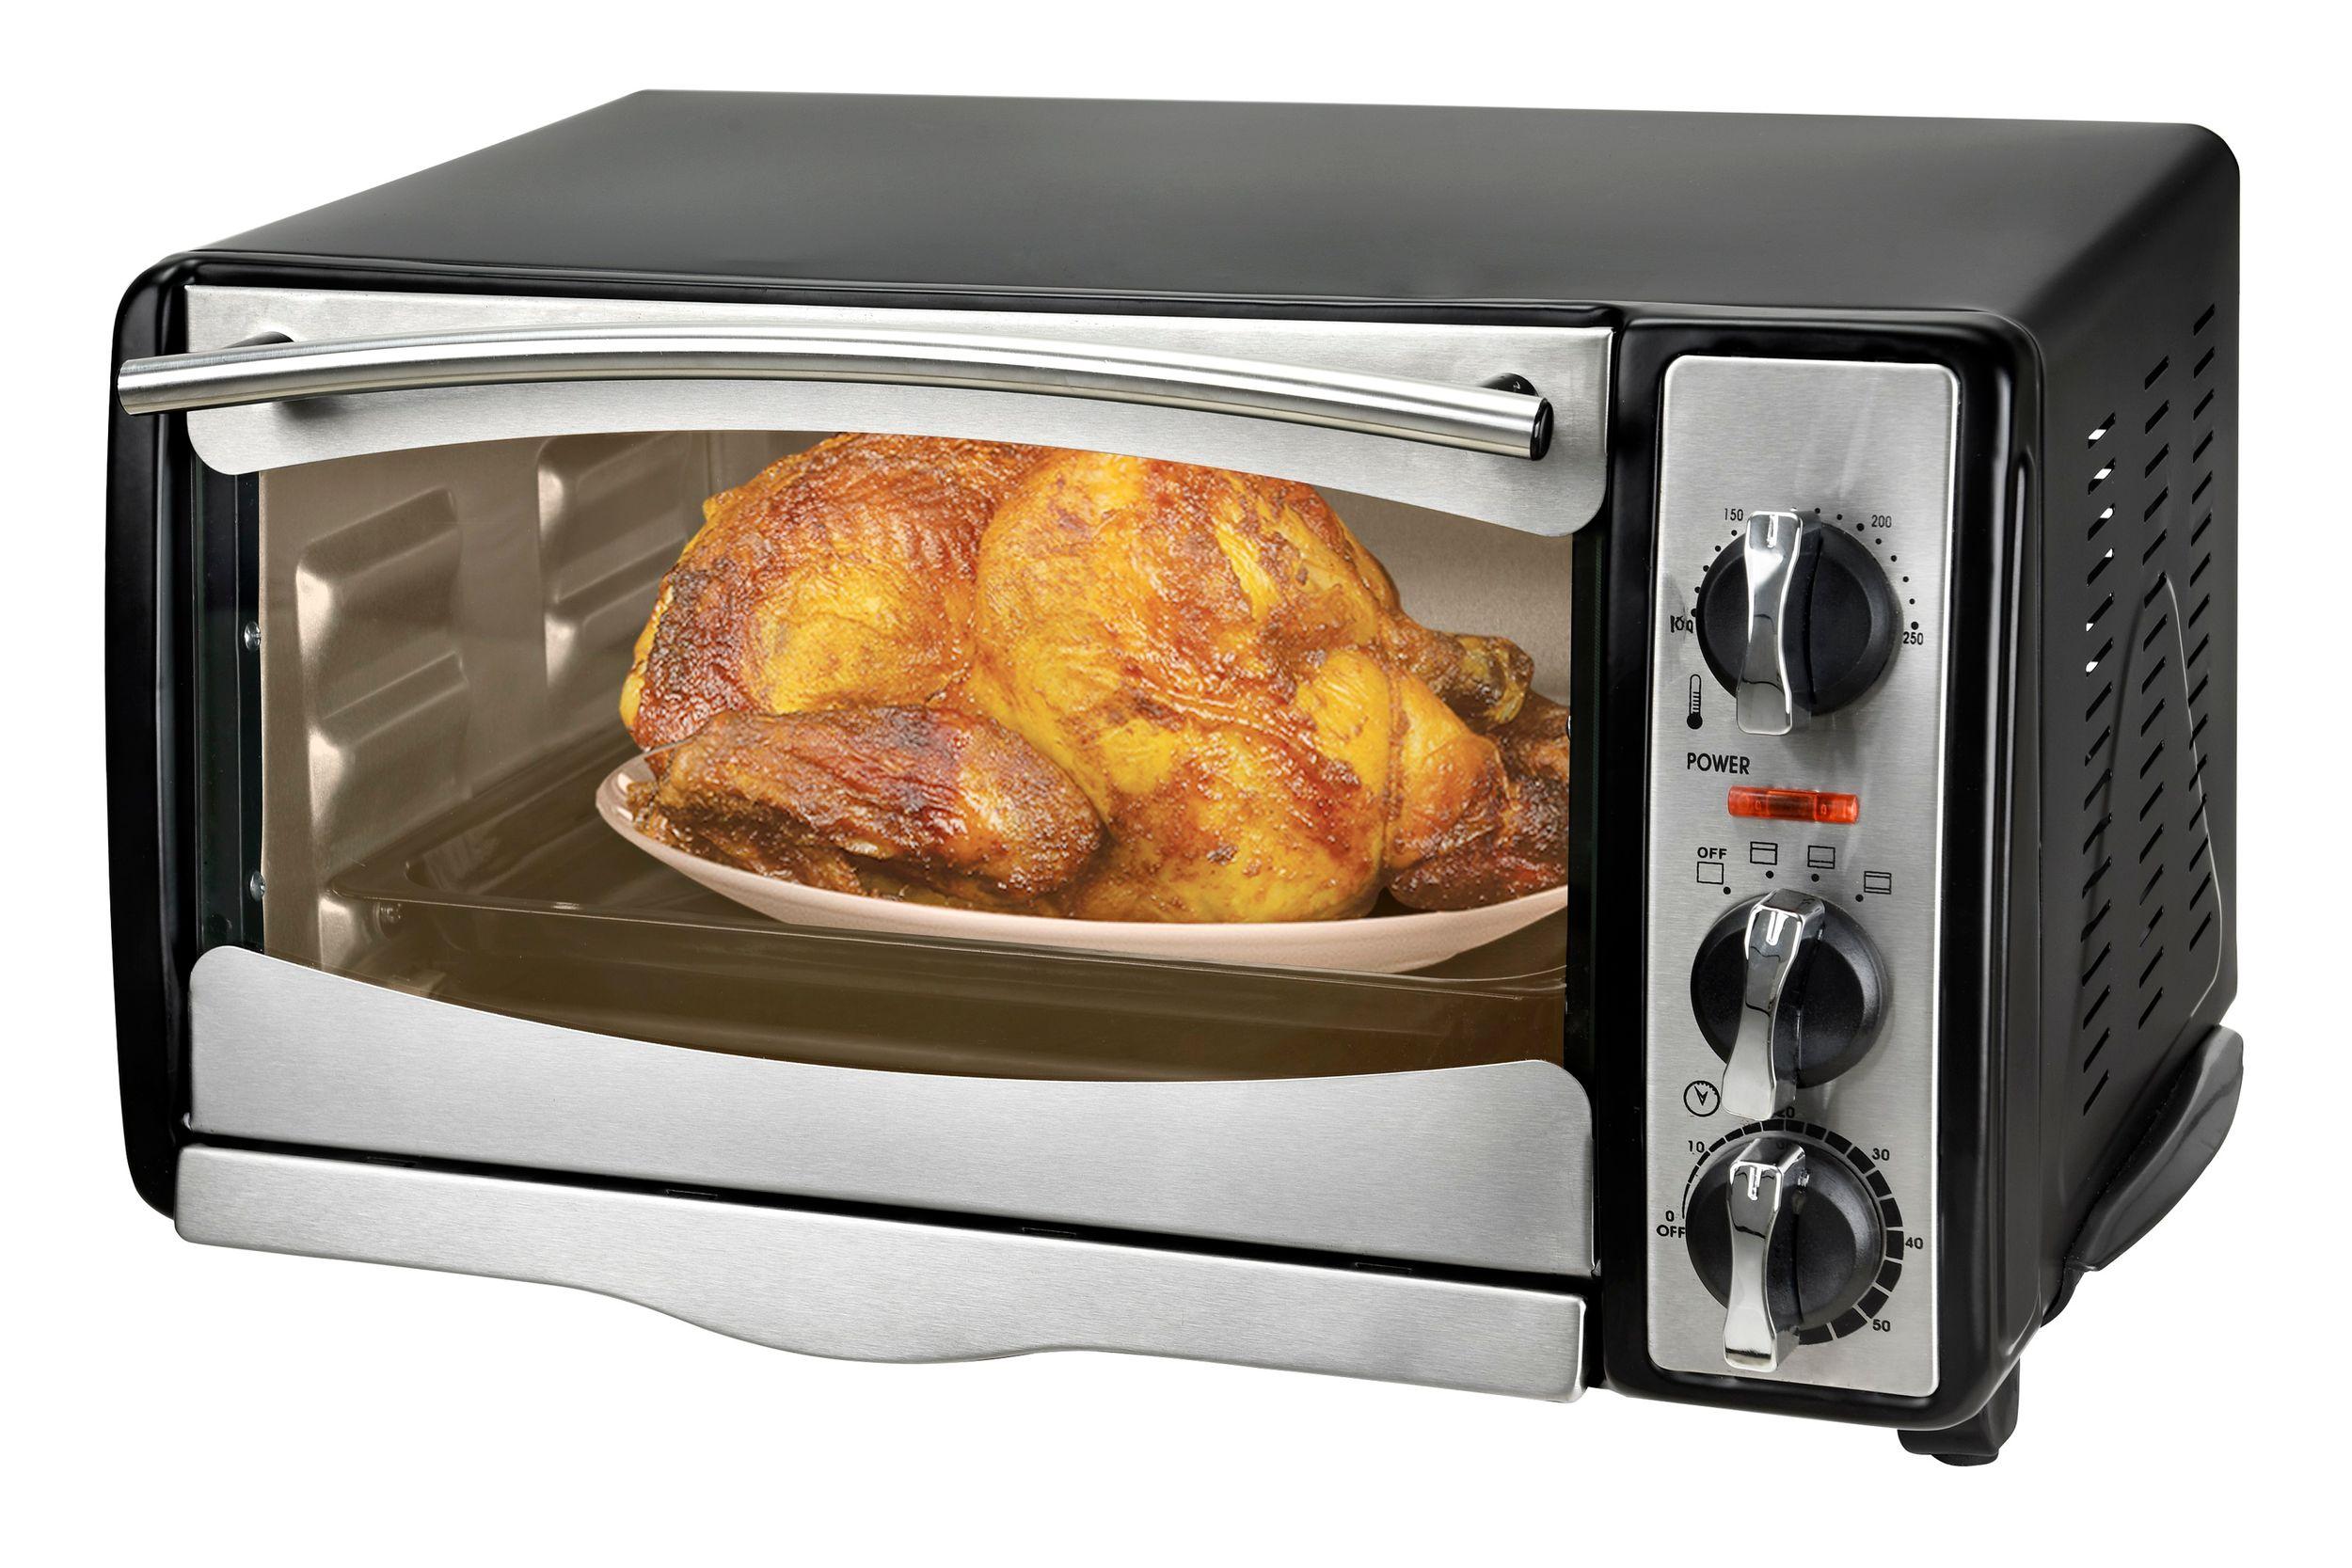 Multiofen 18 Liter Miniofen Pizzaofen schwarz silber Timer Thermostat 250°C (Karton beschädigt)*66620